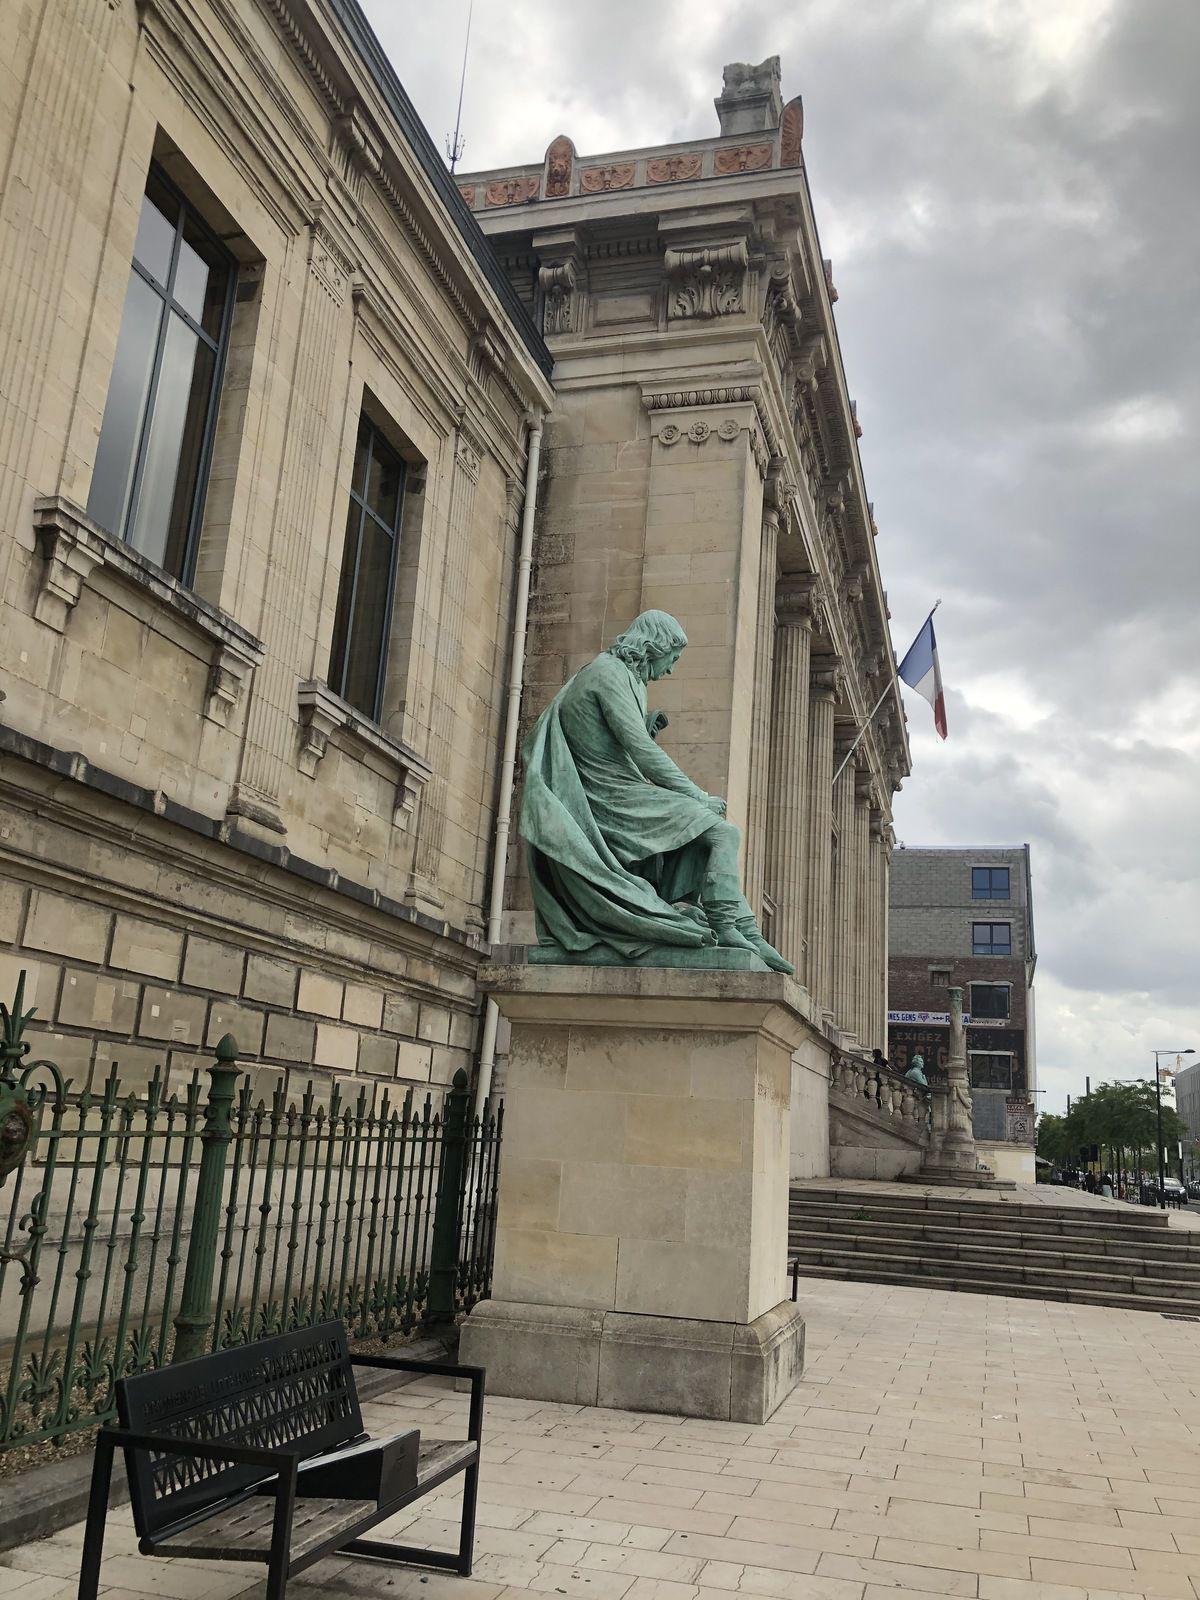 tribunal correctionnel du Havre - tribunal de police du Havre